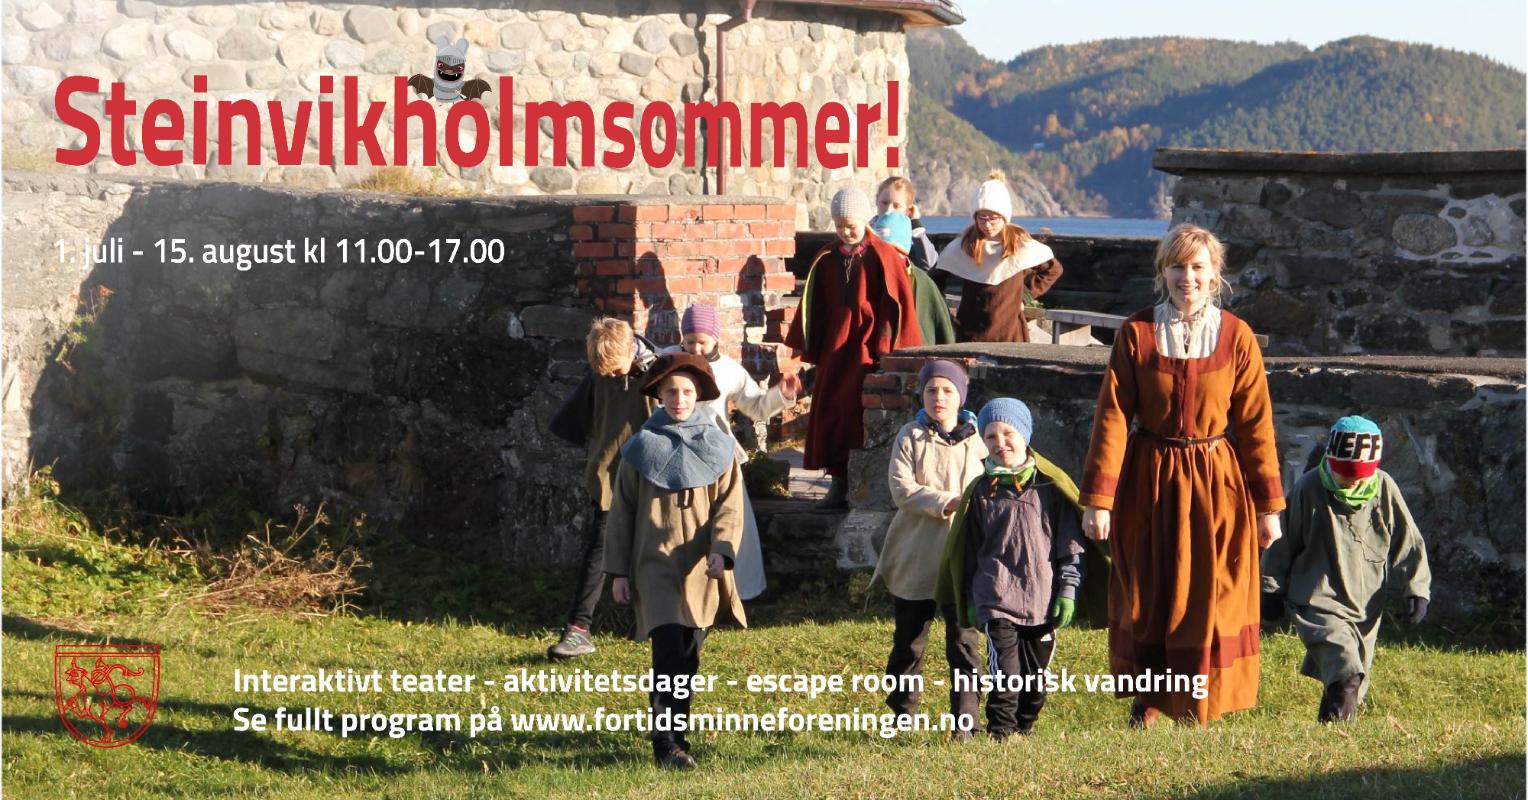 Steinvikholmsommer